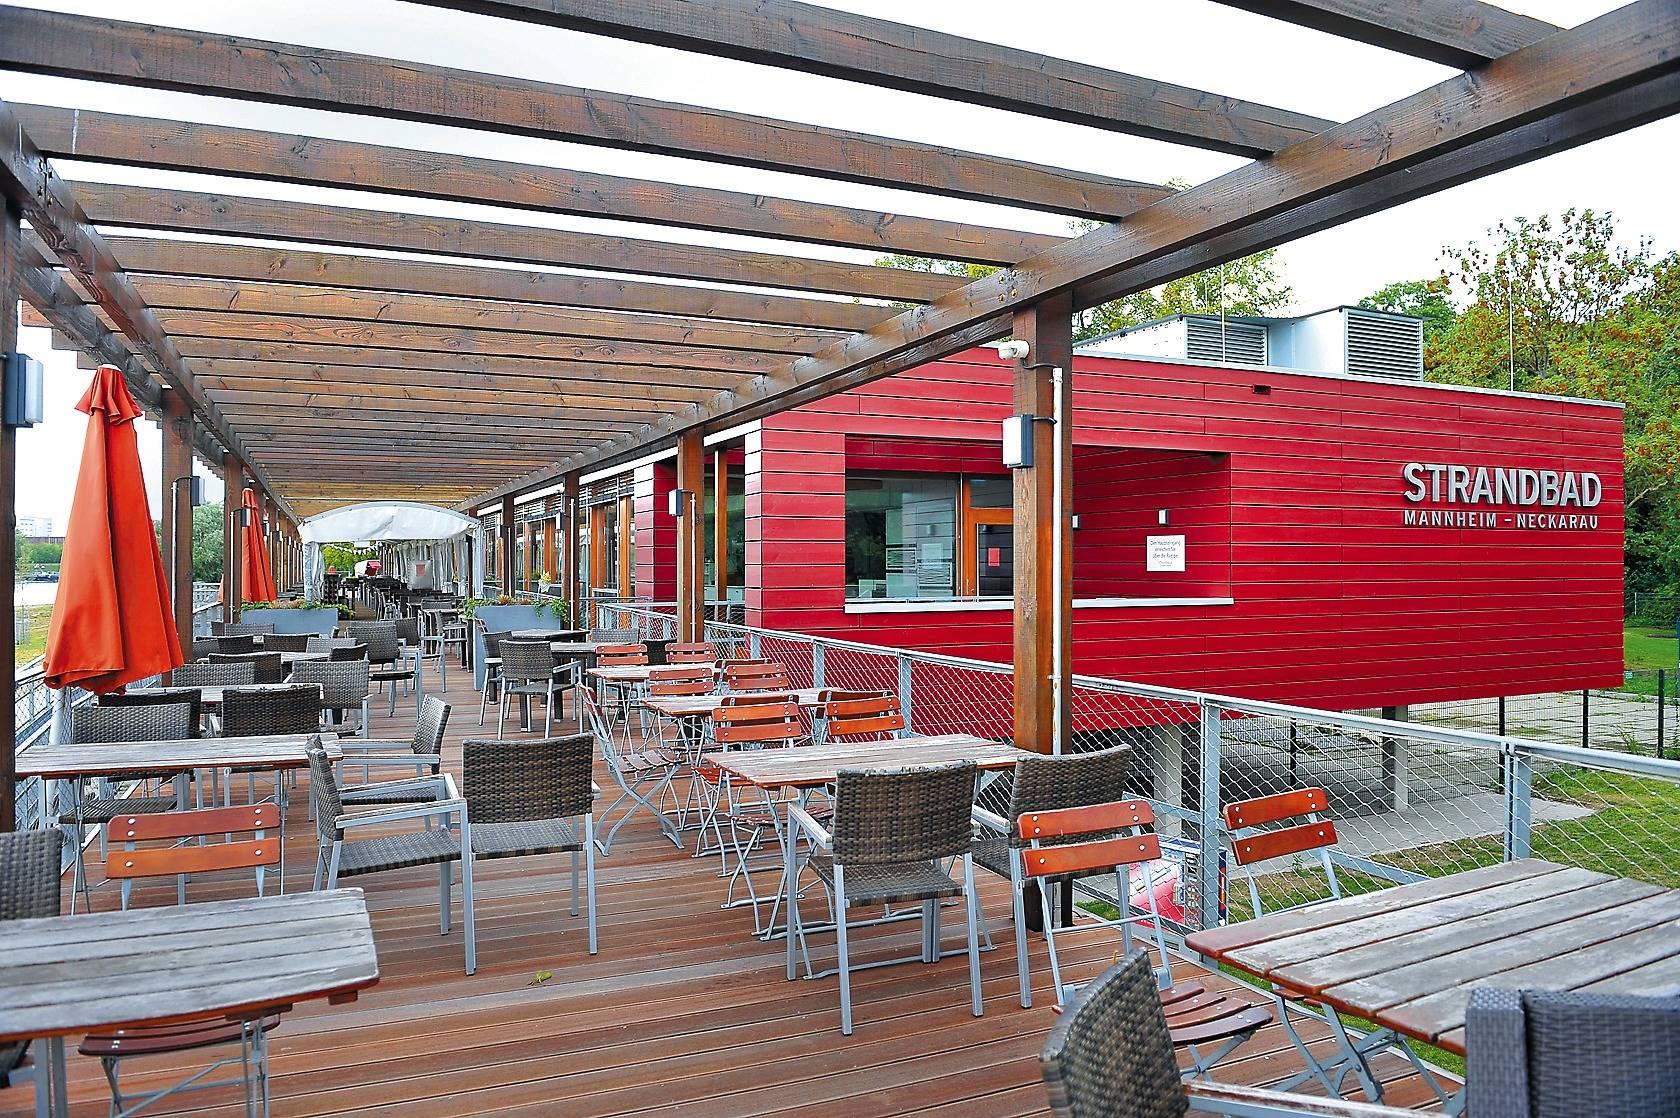 das mannheimer strandbad restaurant steht vor dem aus nachrichten aus mannheim rhein neckar. Black Bedroom Furniture Sets. Home Design Ideas